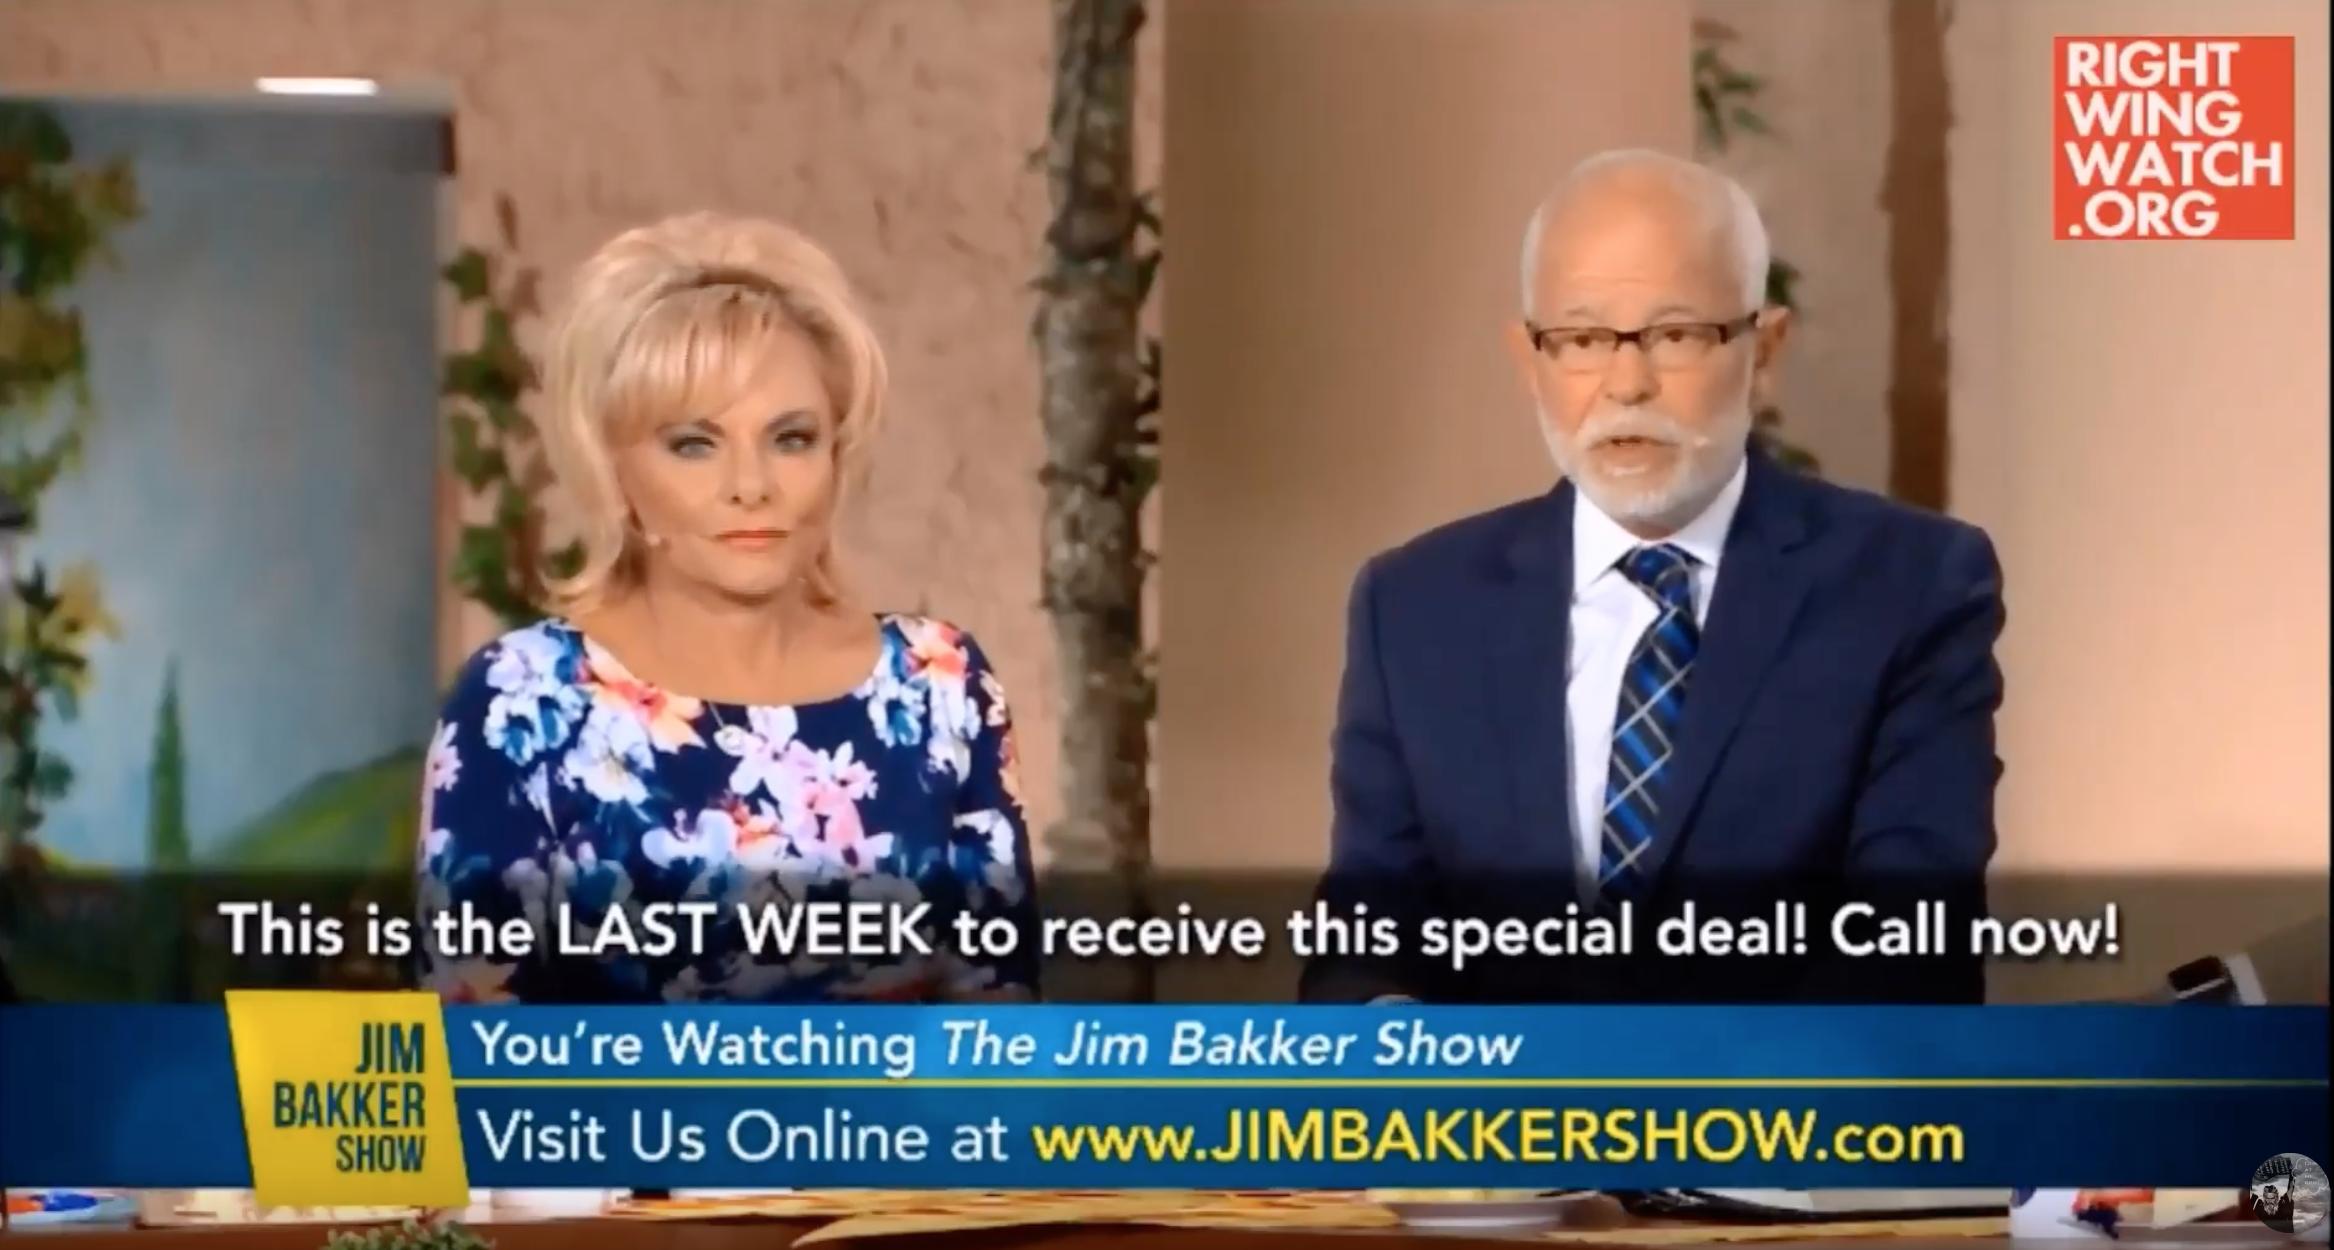 Jim Bakker Predict Civil War After Impeachment